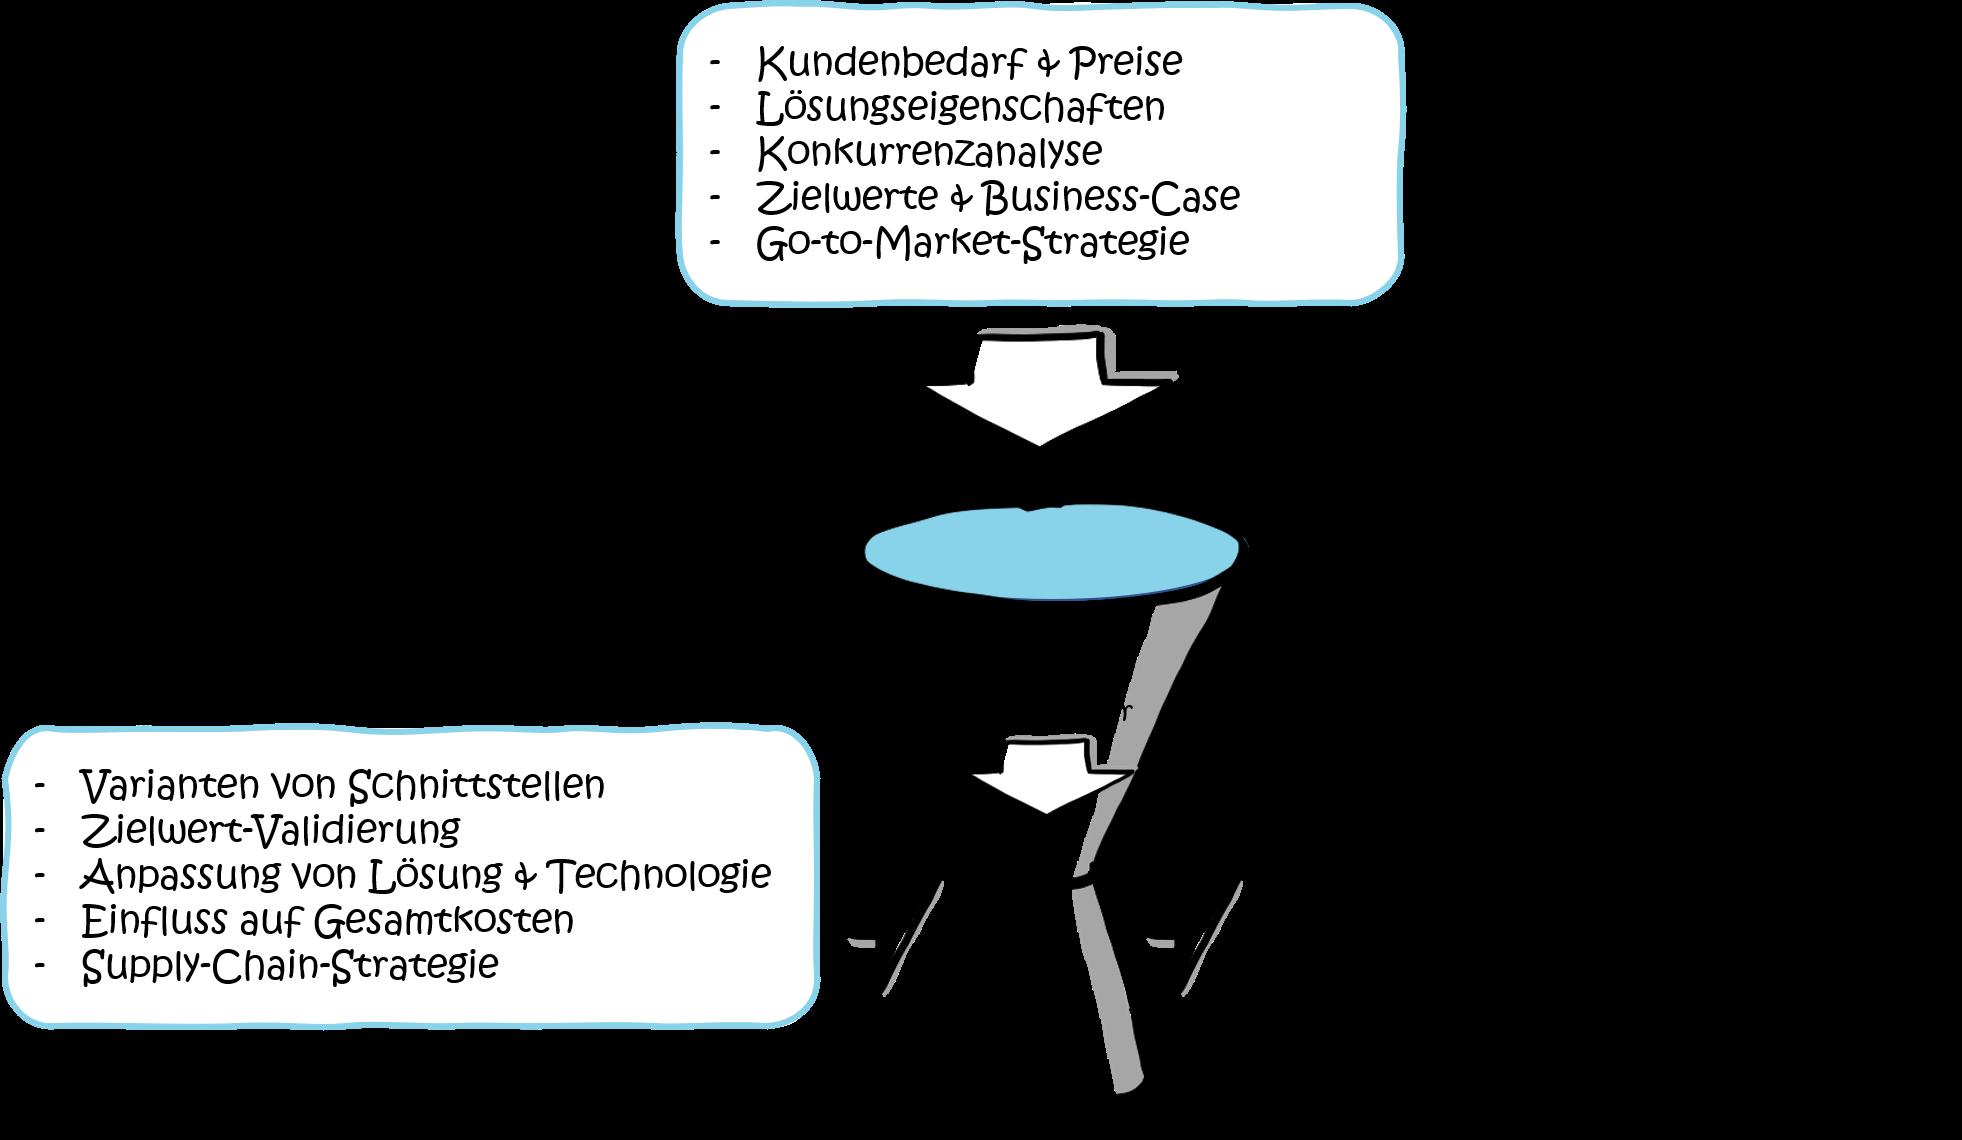 kostenreduktion-modularisierung-trichter